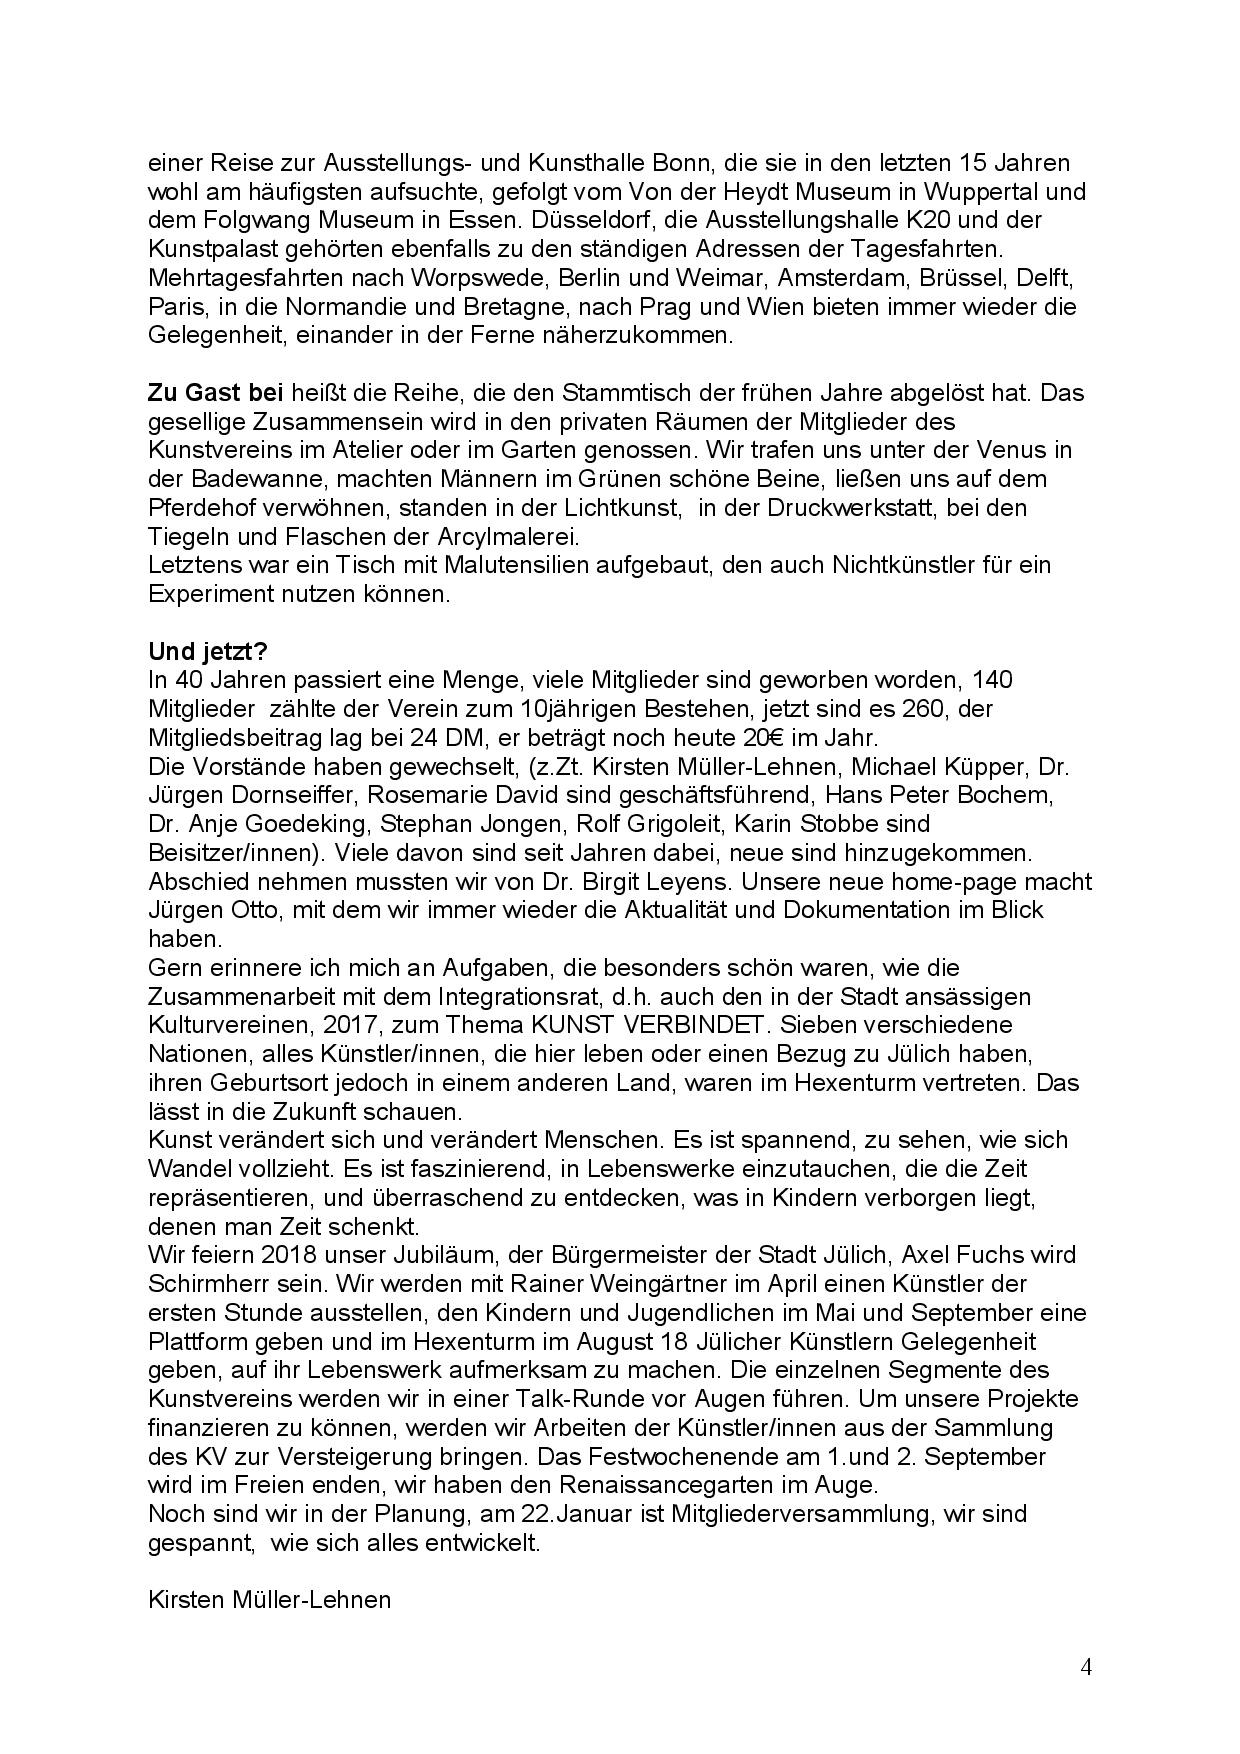 40 Jahre Kunstverein Jülich-004